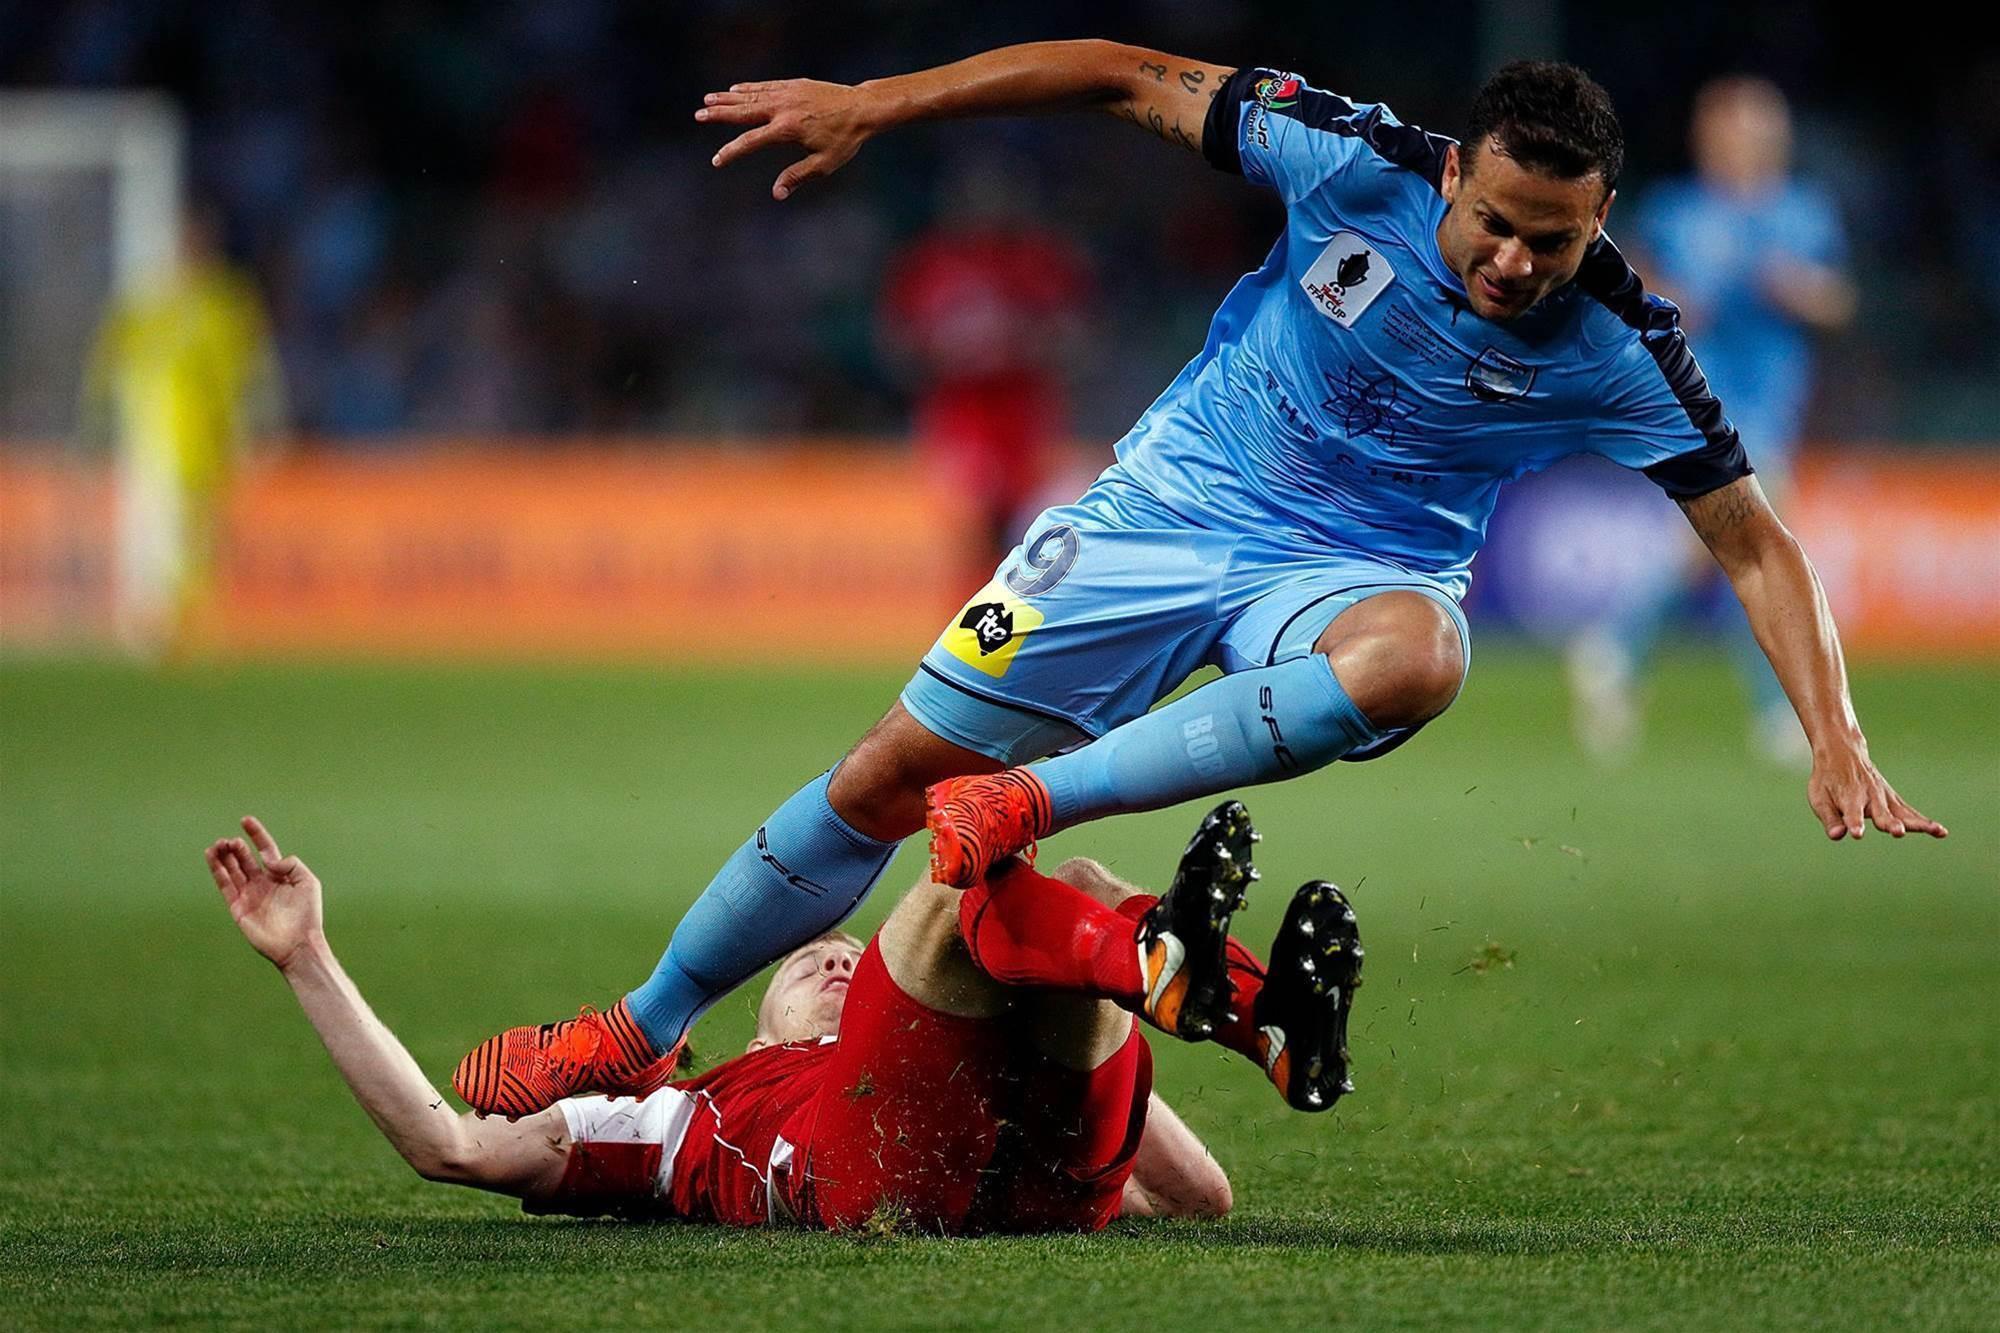 Bobo BOOM! Sydney lift FFA Cup